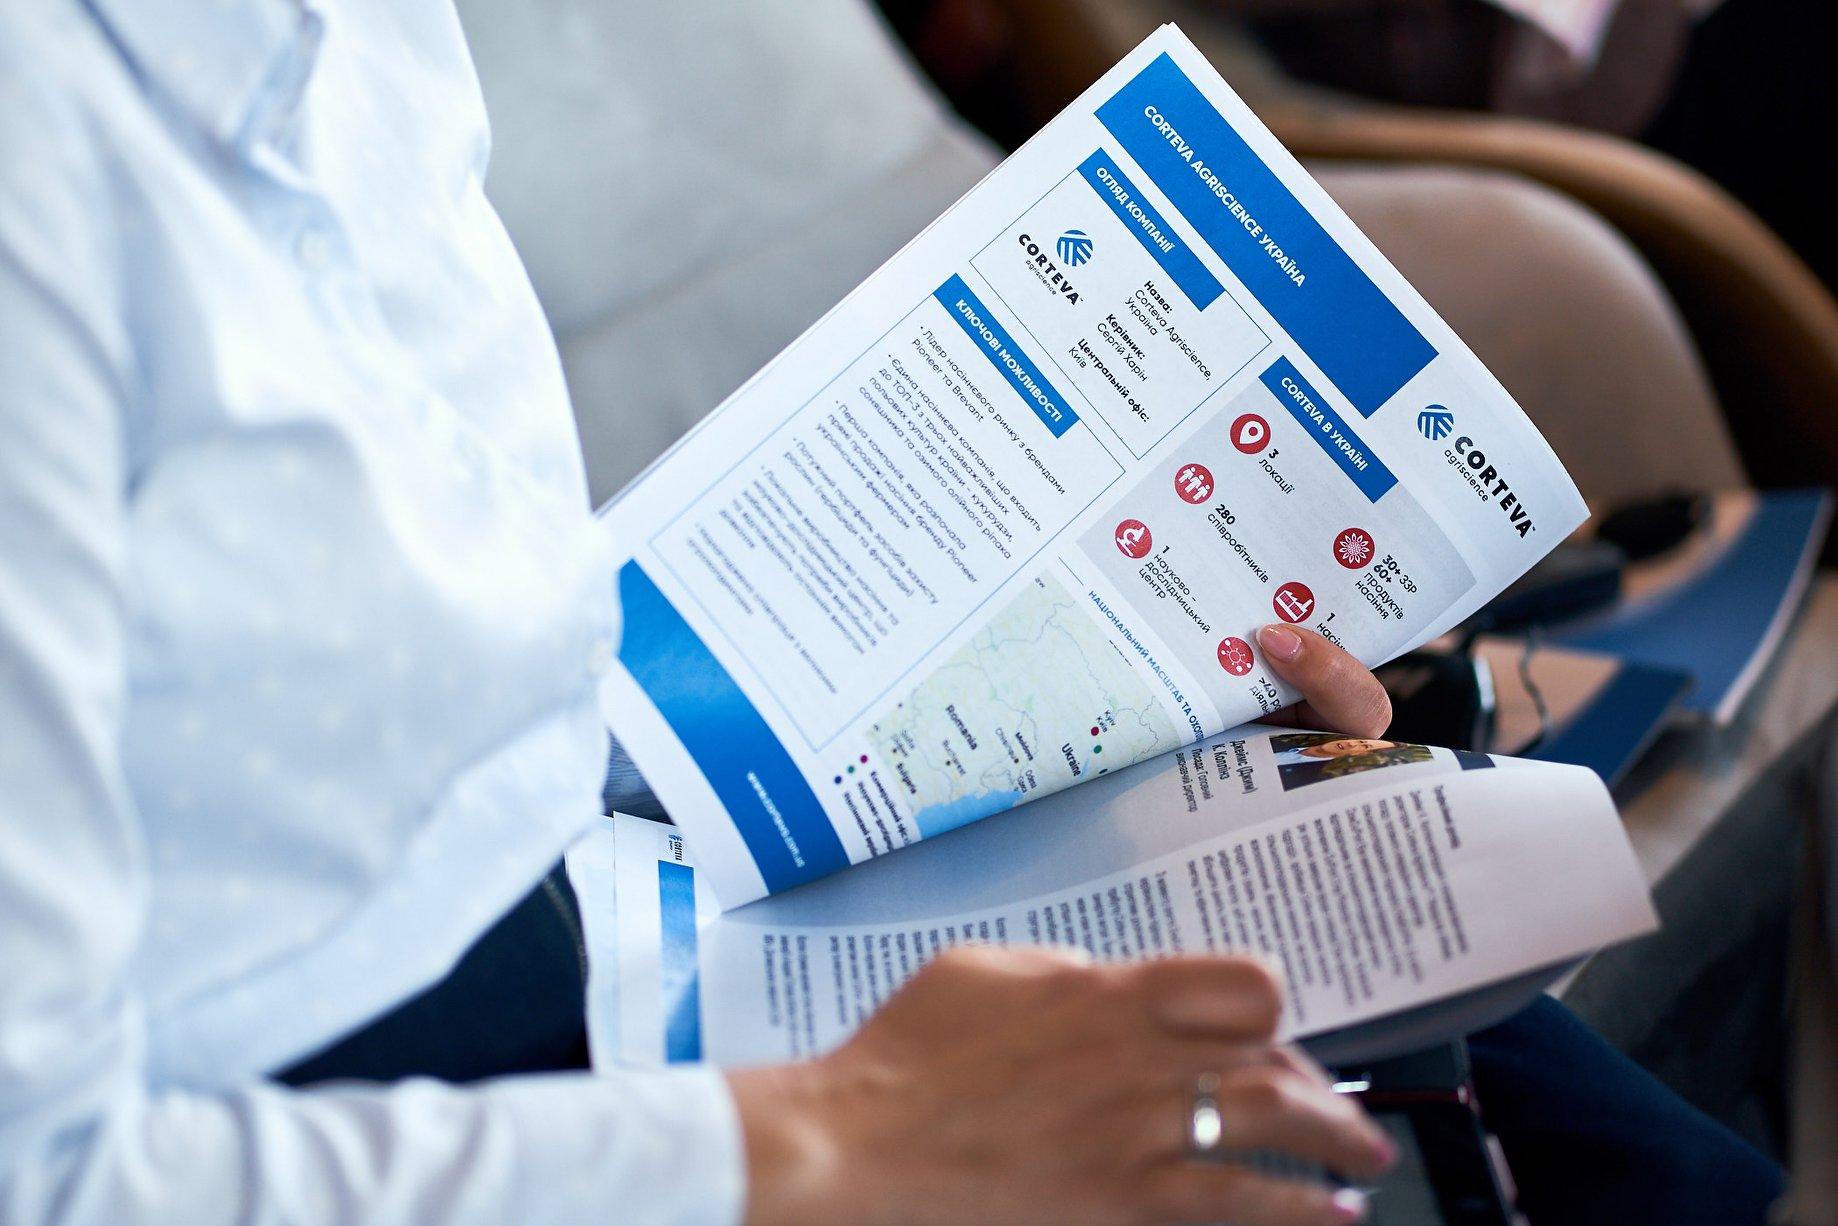 Головний виконавчий директор Corteva Agriscience розповів про глобальні цілі компанії